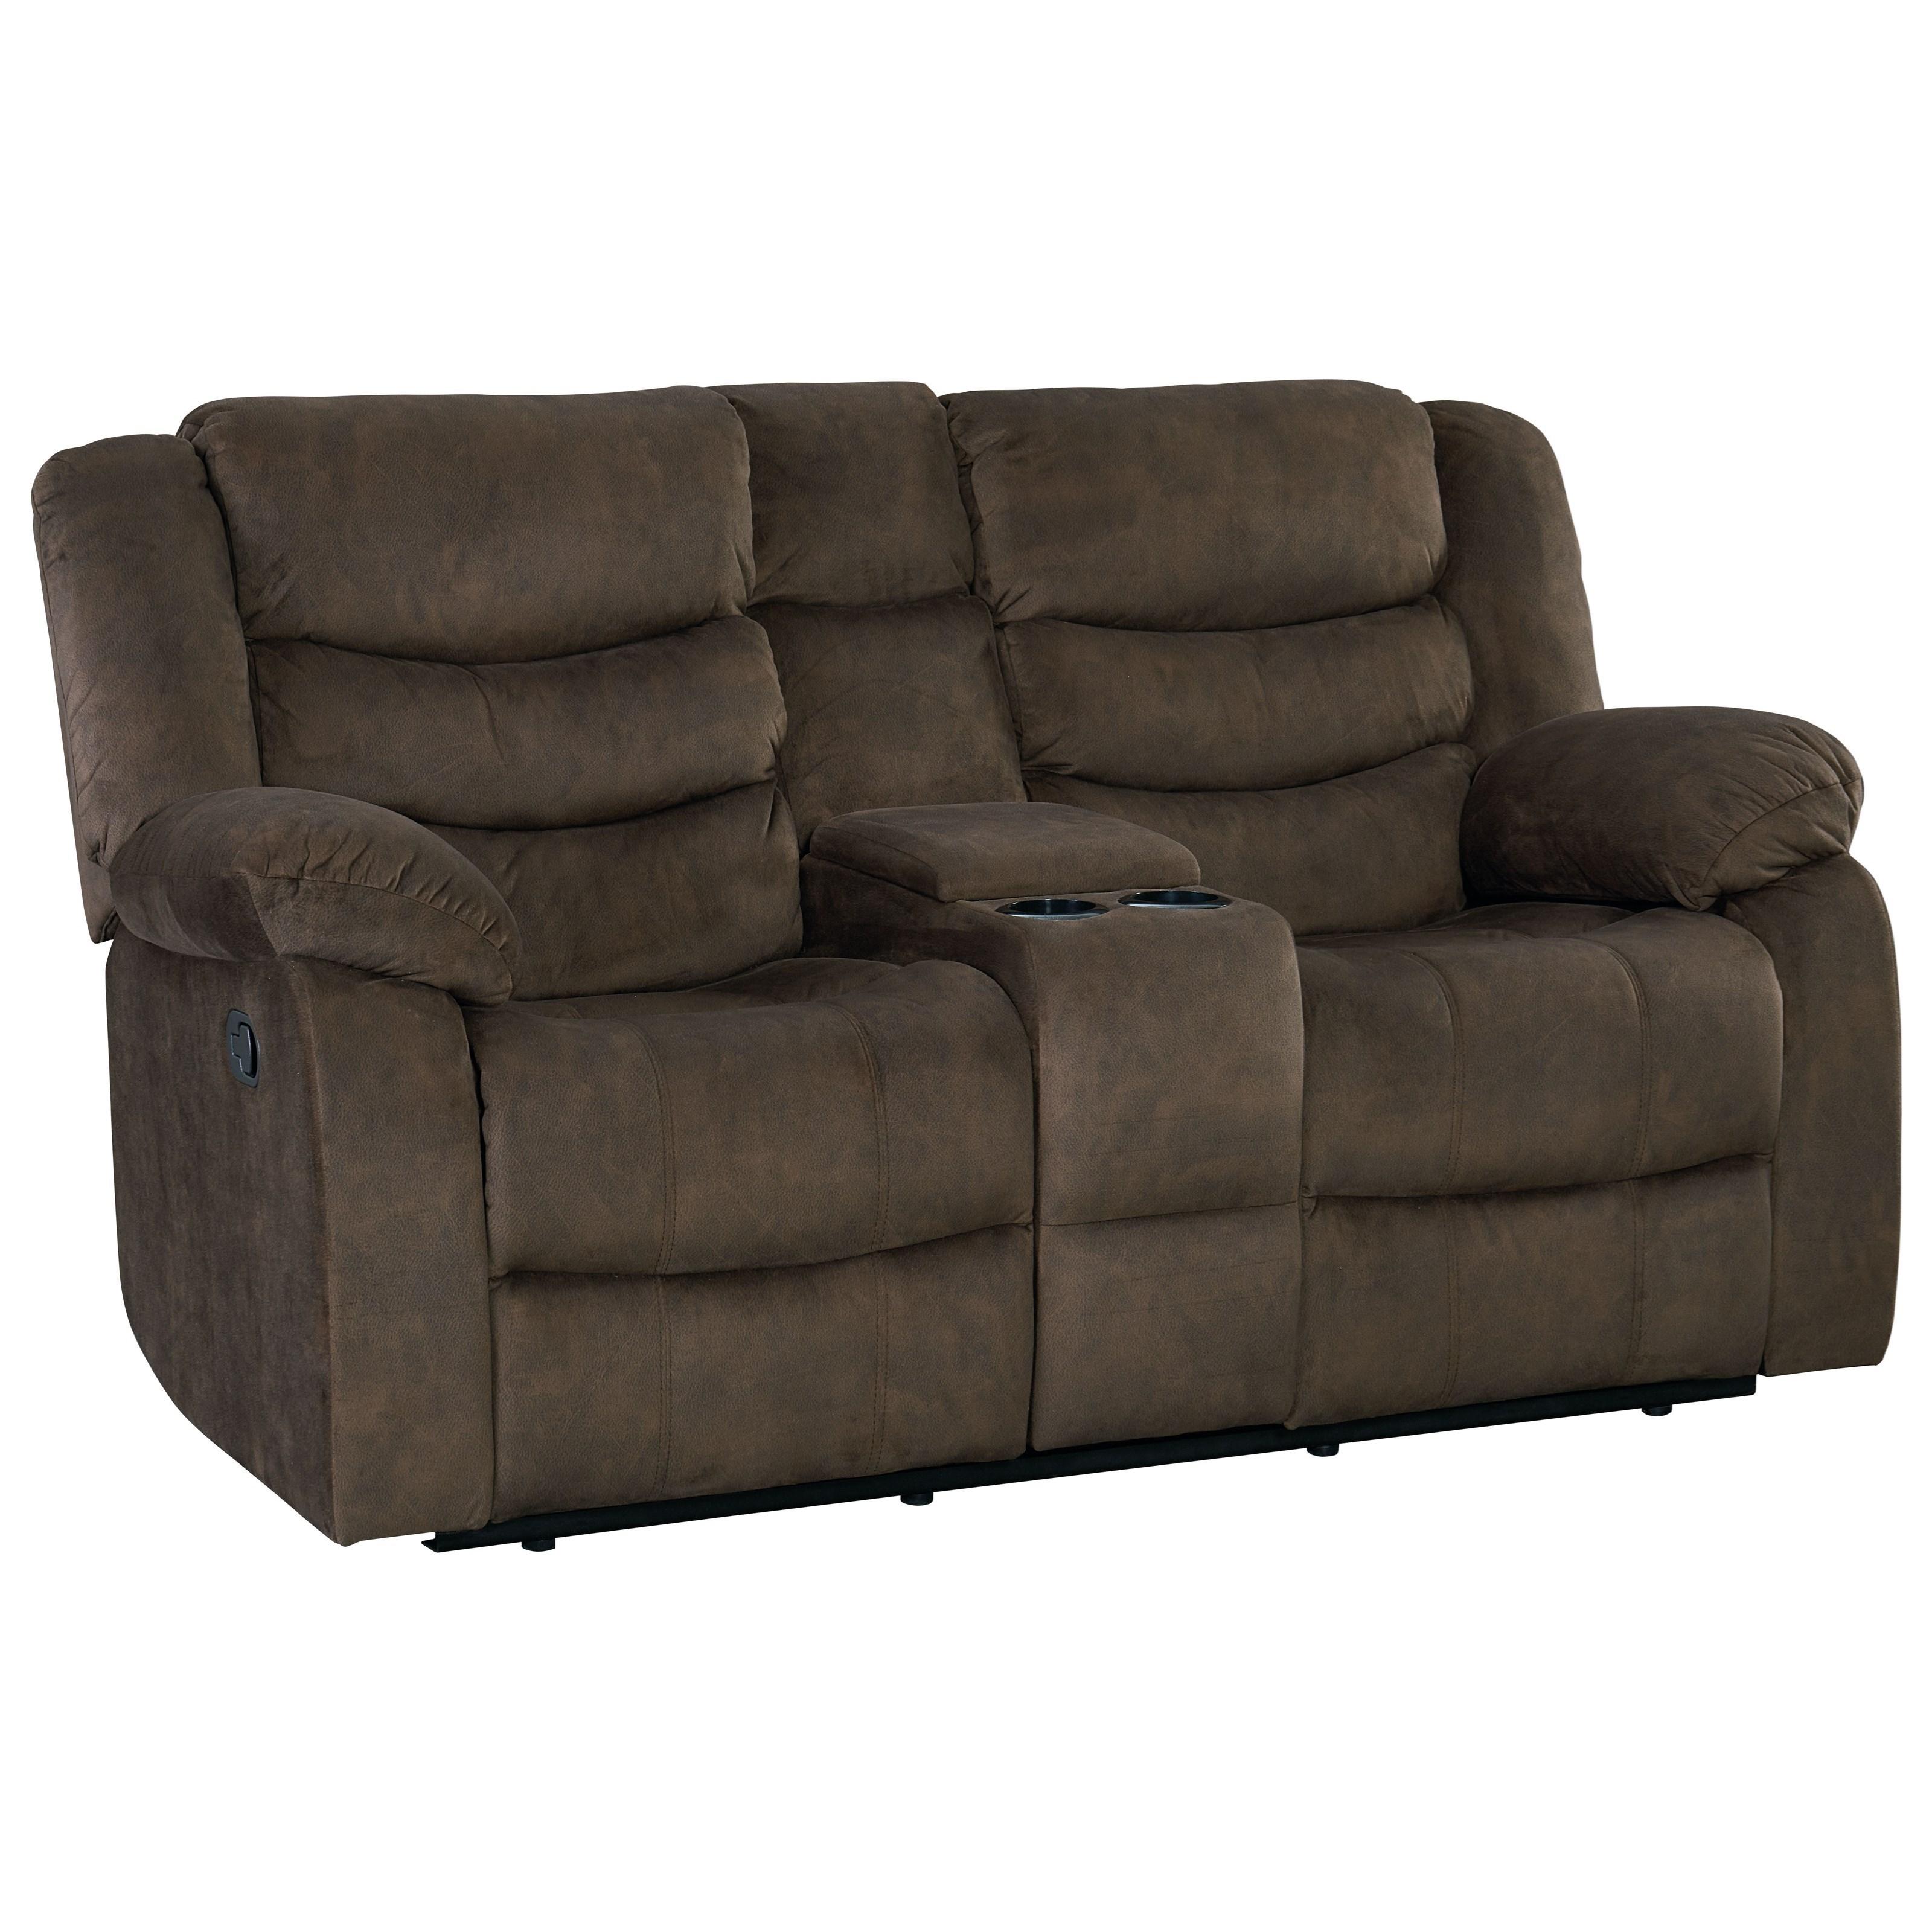 Standard Furniture Ridgecrest 4170201 Casual Manual